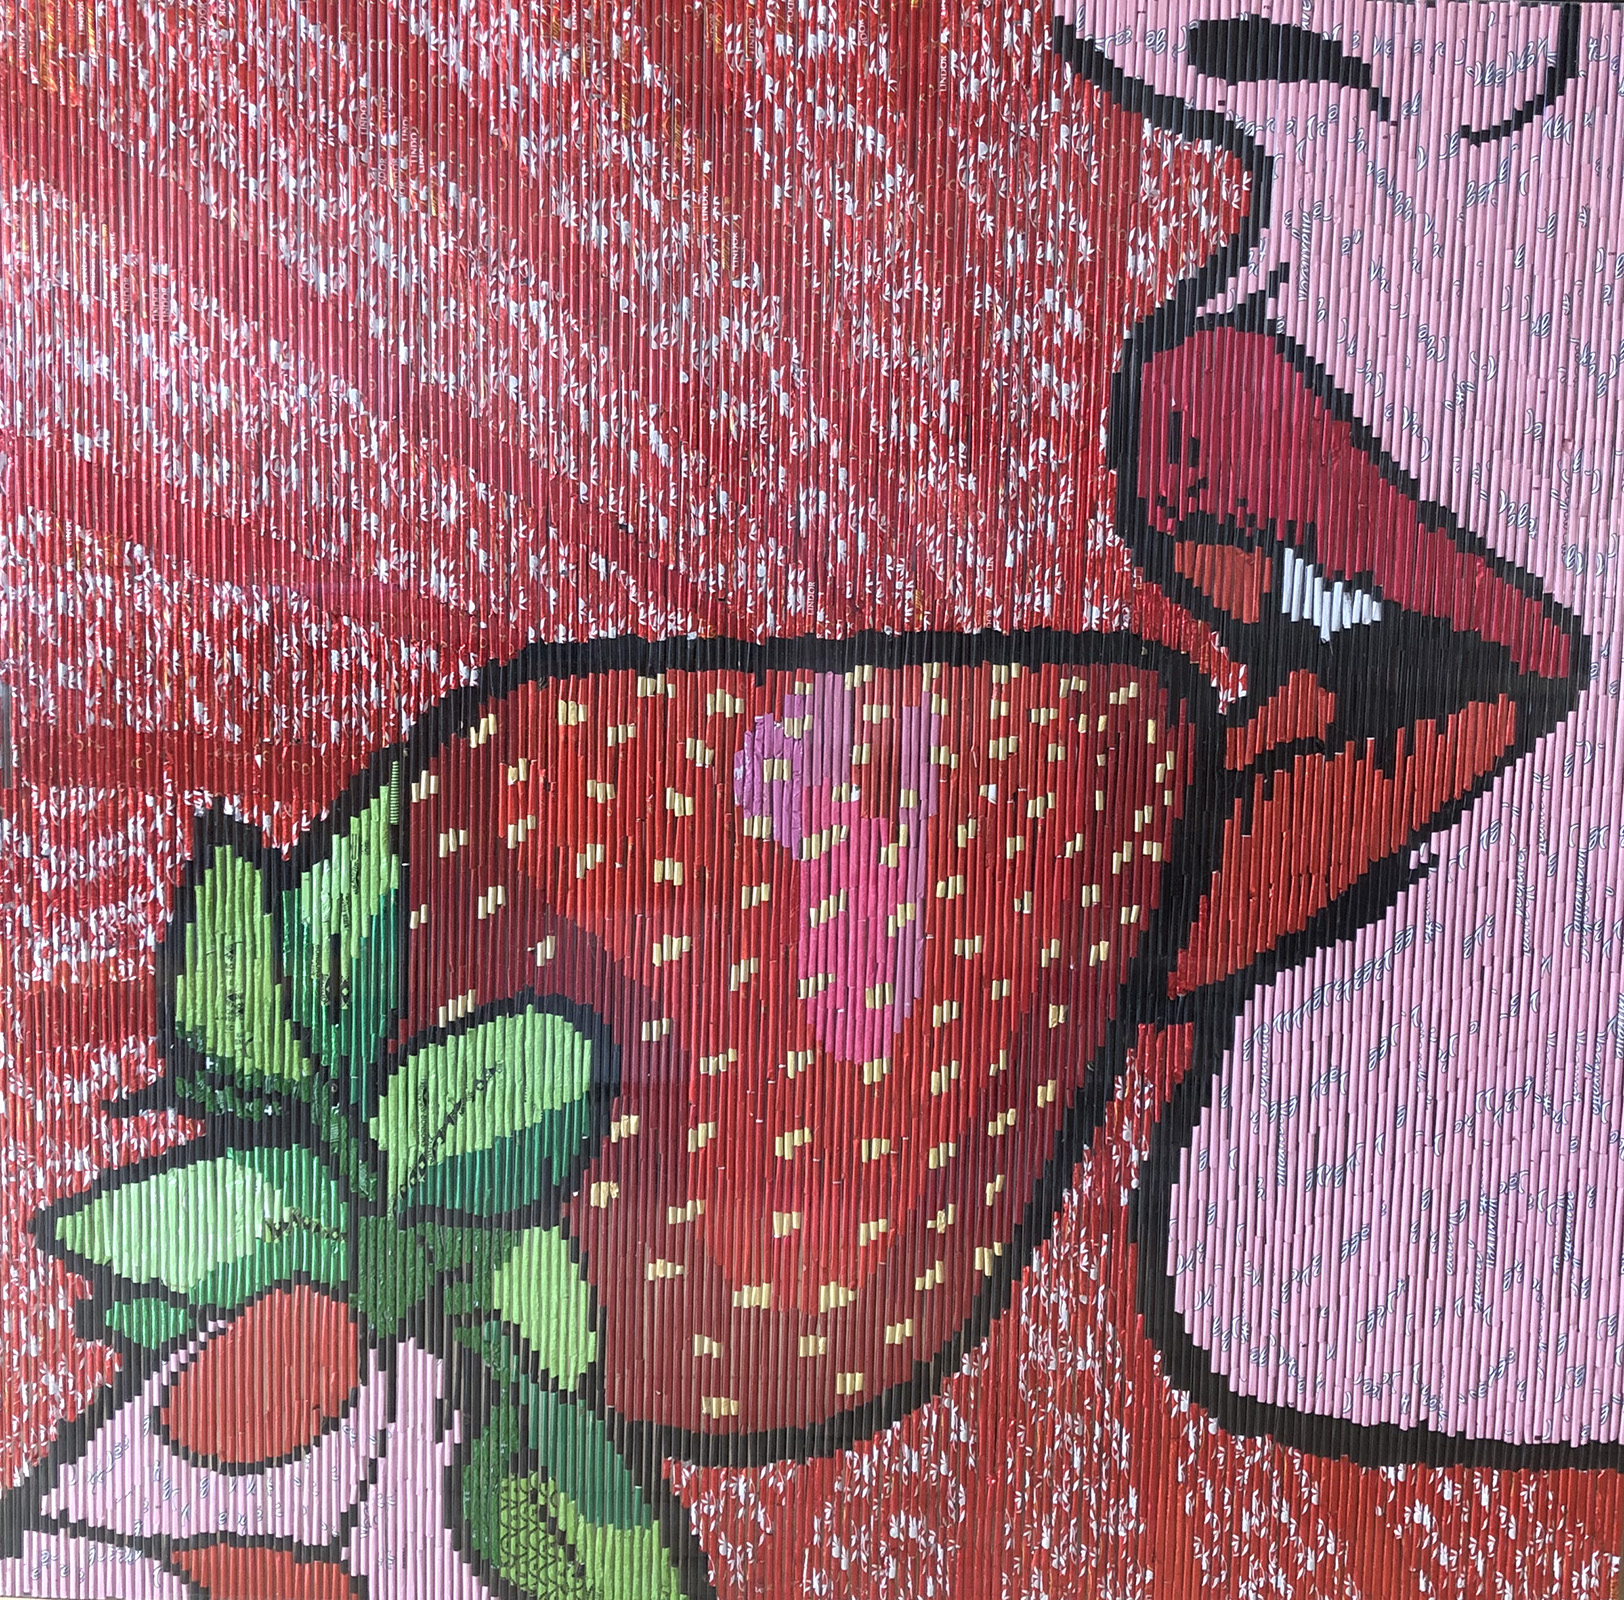 Popart Erdbeere RollingpiecesArt